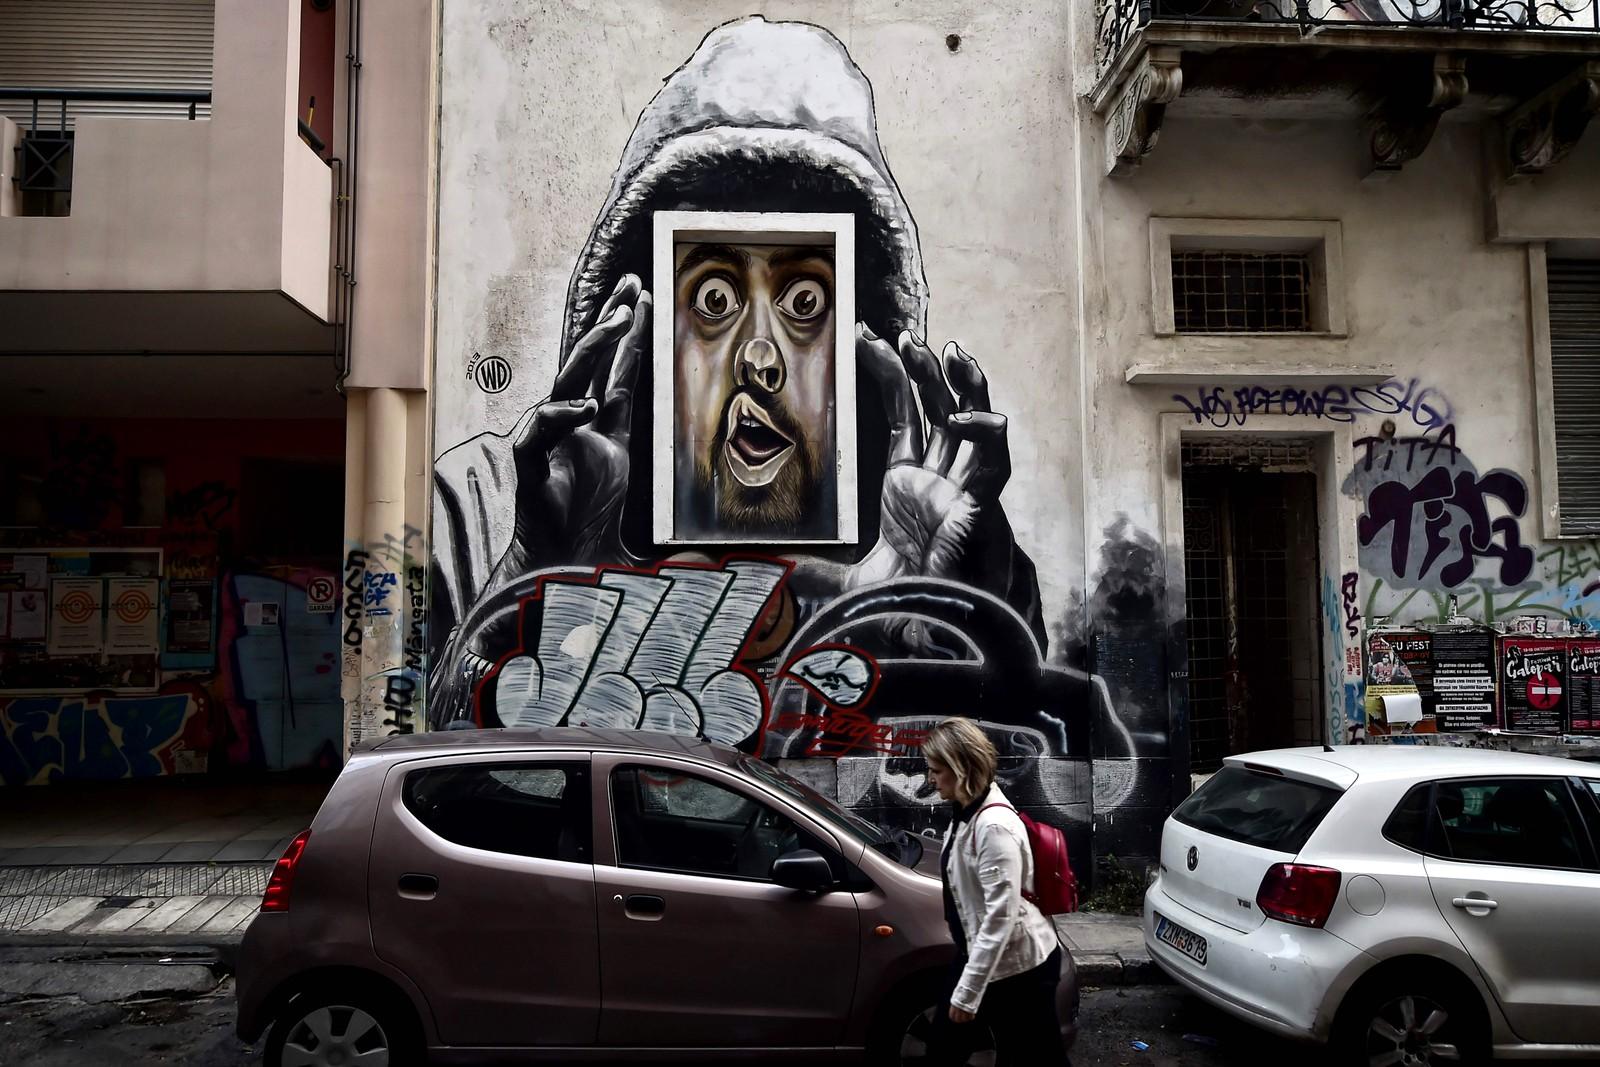 En graffitikunstner kalt WD (Wild Drawing) har laget dette bildet i Athen. Han er fra Bali.